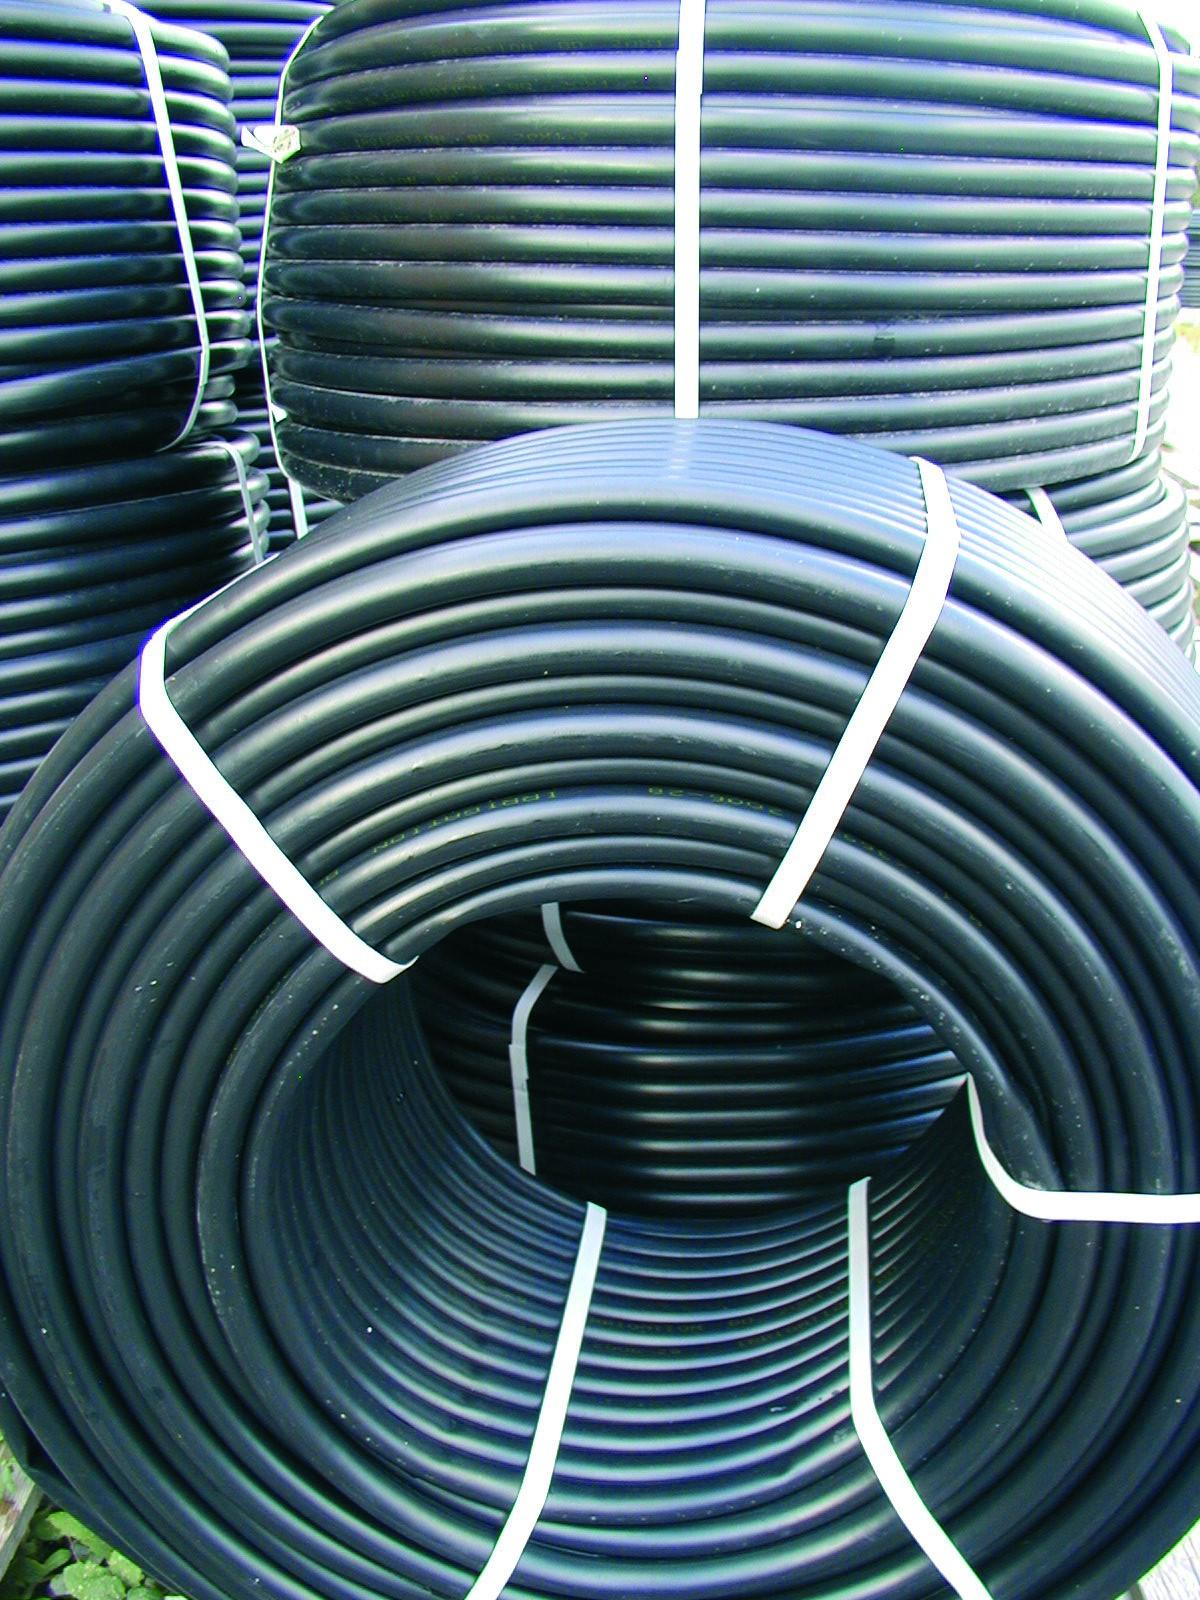 Tuyau tube goutte goutte 32 x 100m jardinet - Tuyau polyethylene 32 ...